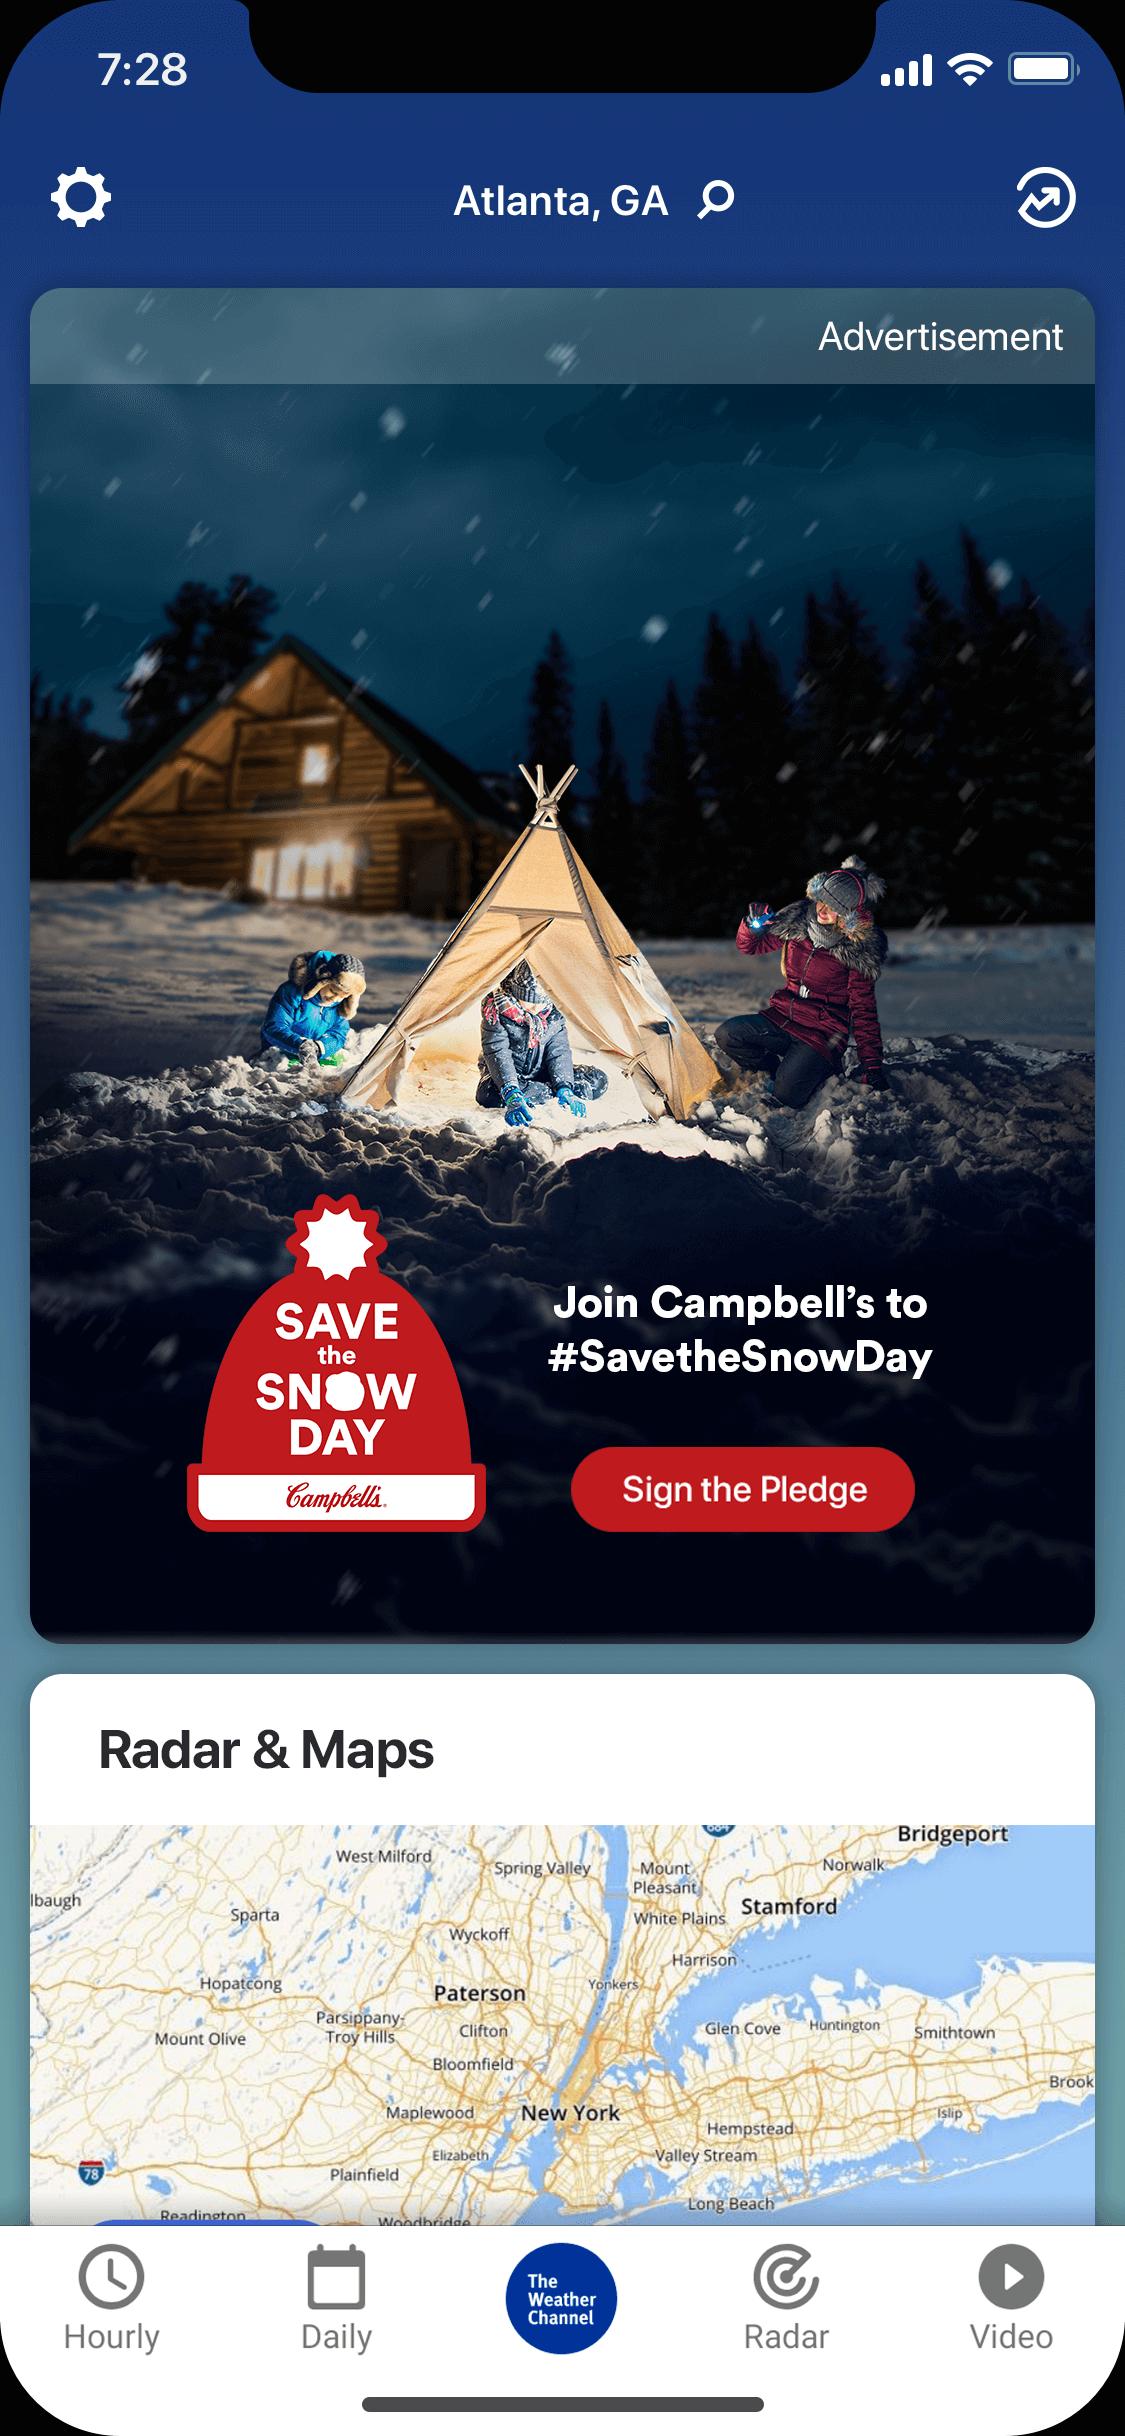 campbells-snow-ifc_wintry-night